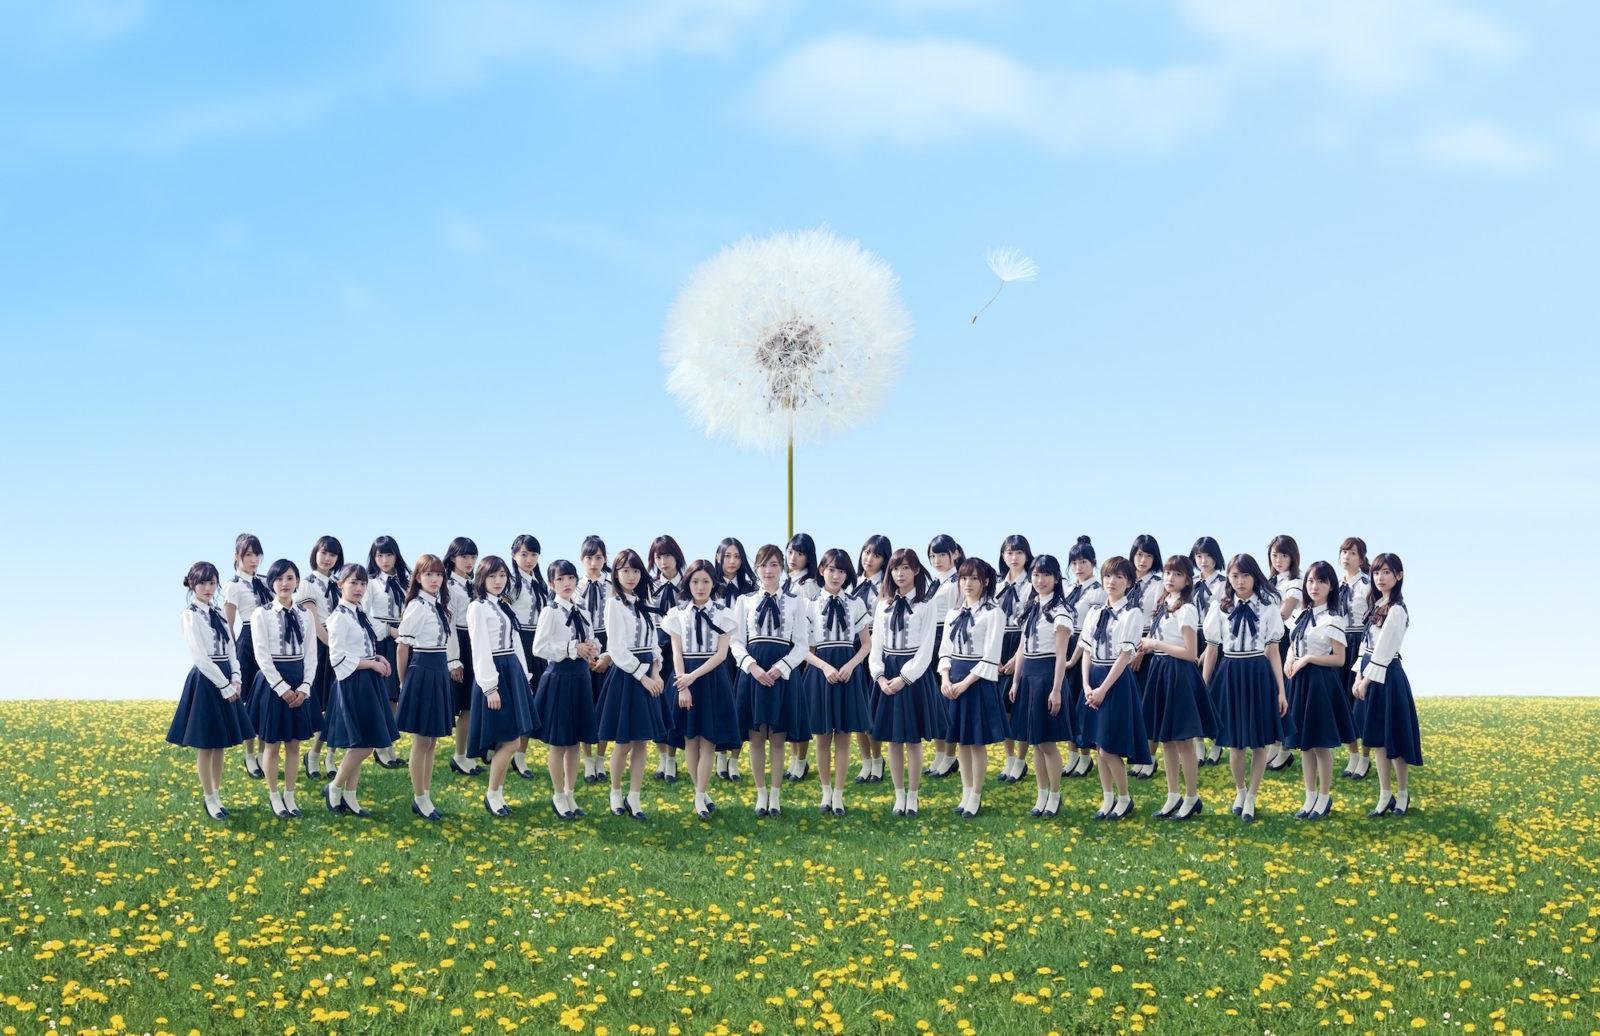 「実は一番私が推されてた」AKB48・人気メンバーが10キロ激太りを告白「ぶくぶく太って…」サムネイル画像!